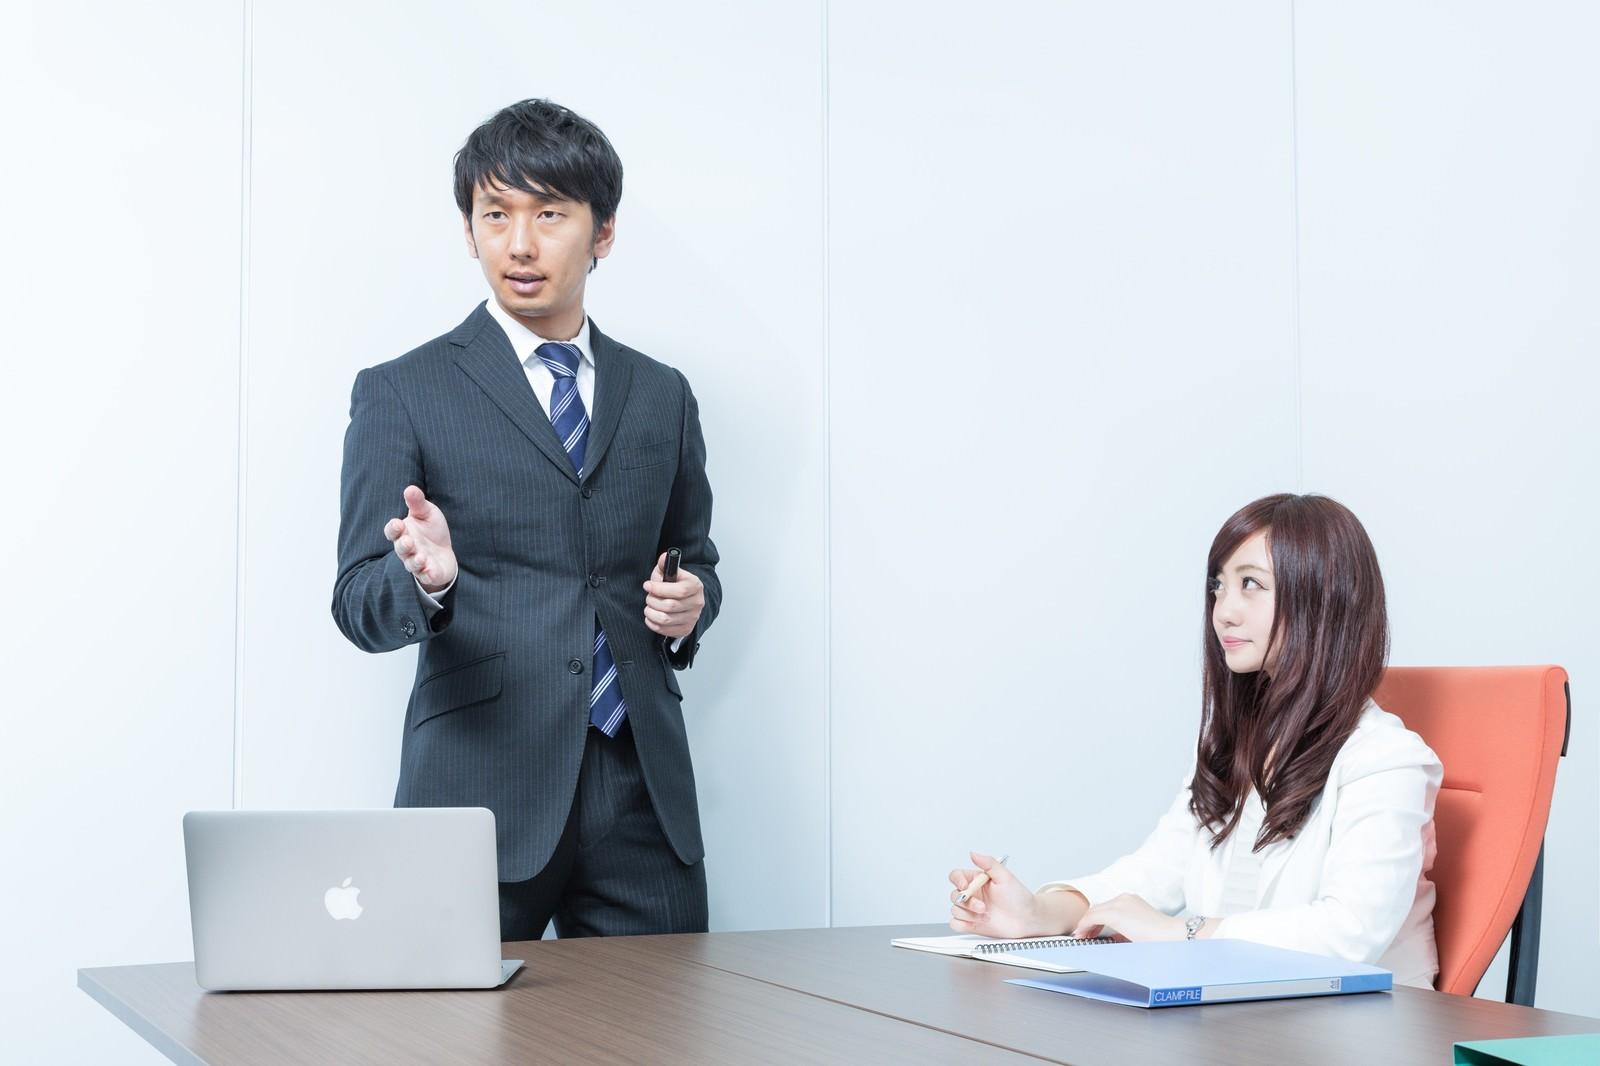 「プレゼン中の上司を見つめる恋するキラキラ広報」の写真[モデル:大川竜弥 河村友歌]